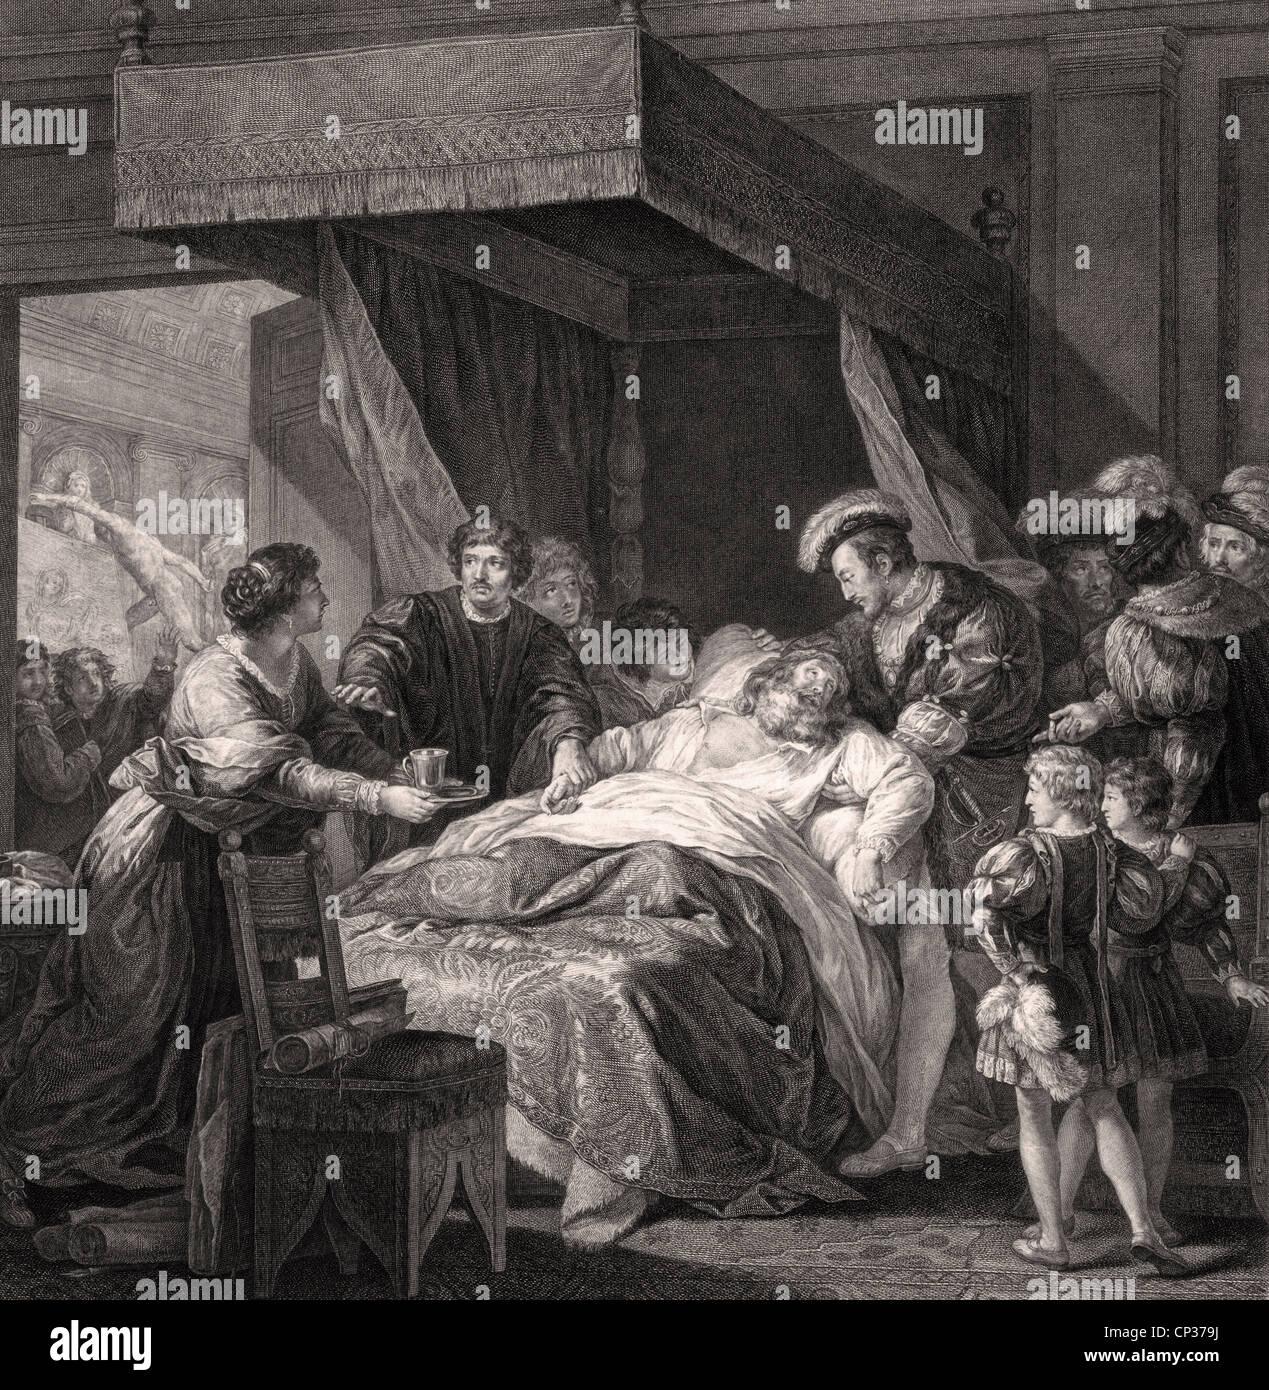 La muerte de Leonardo da Vinci en el Clos Lucé. Francisco I, Rey de Francia, sostiene en sus brazos de Leonardo como el artista sienta morir. Foto de stock